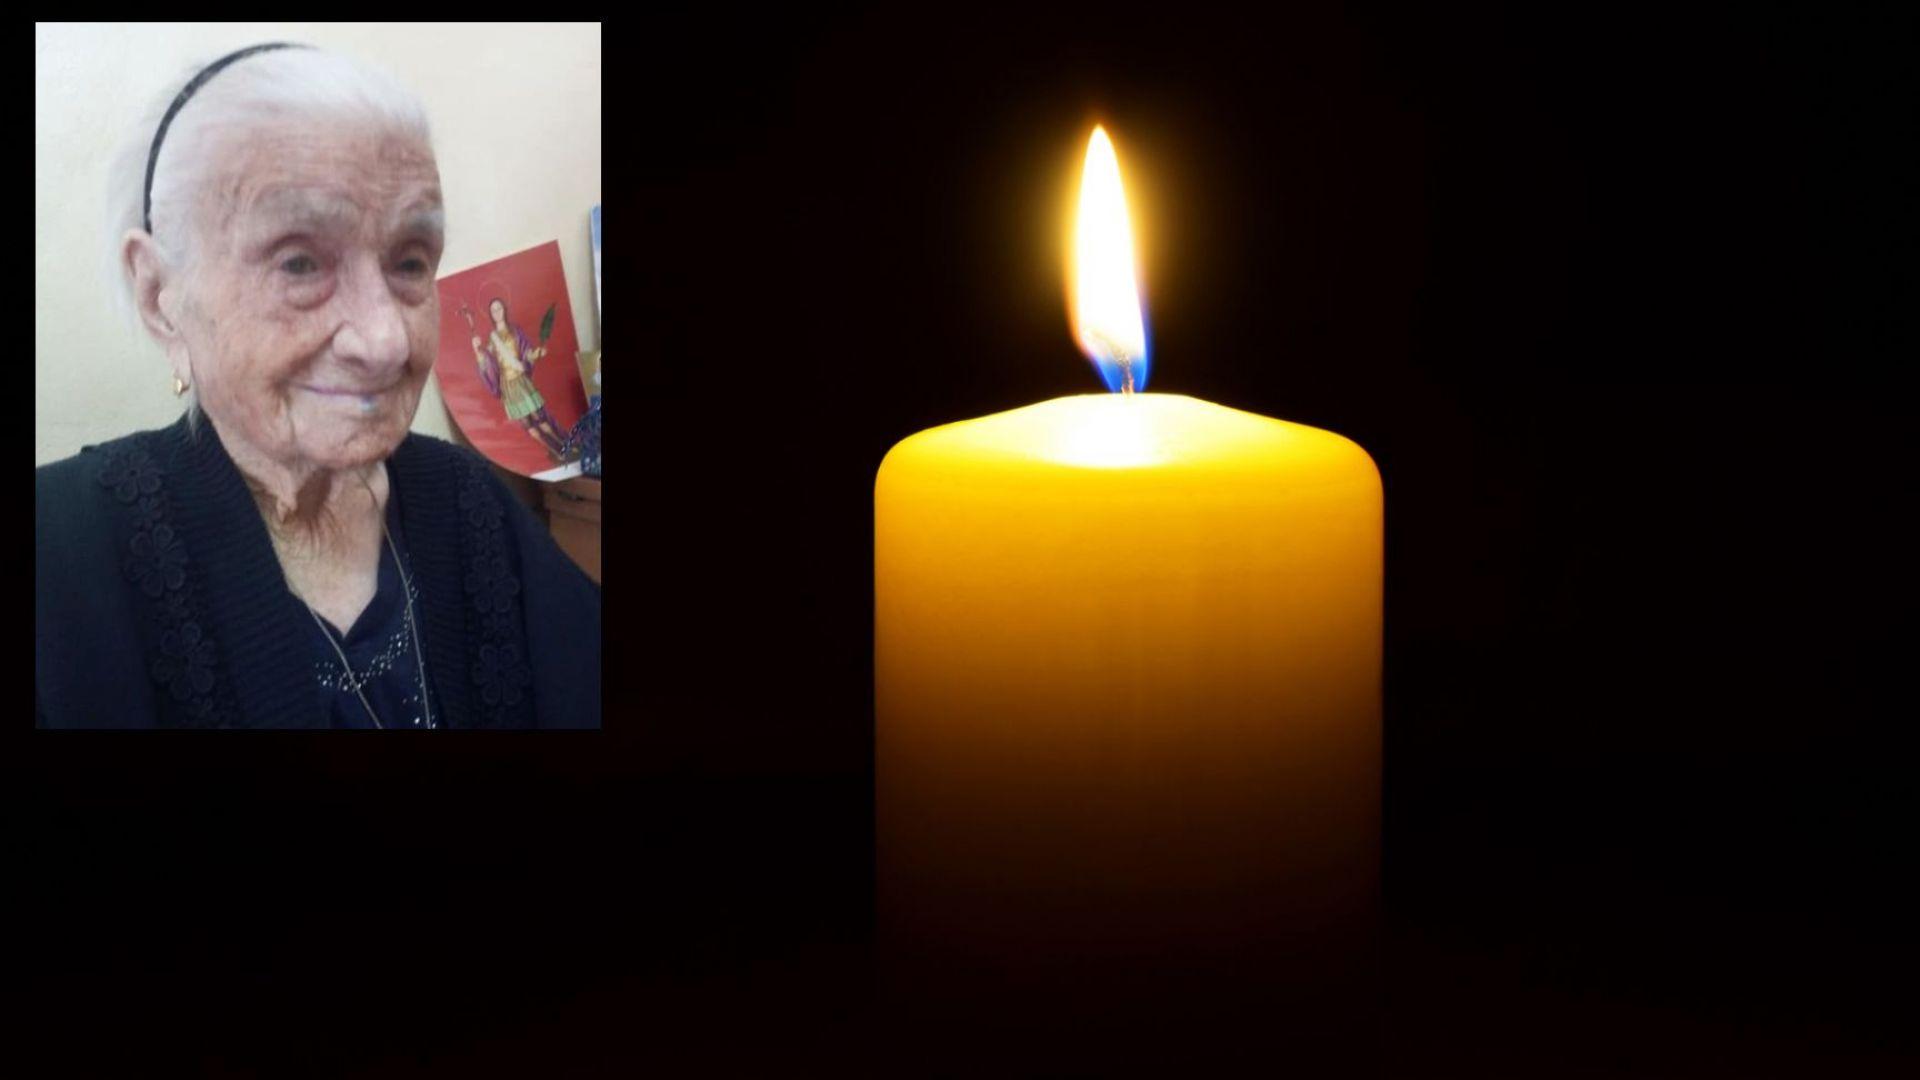 Джузепина Робучи - най-възрастният човек в Европа и вторият най-възрастен